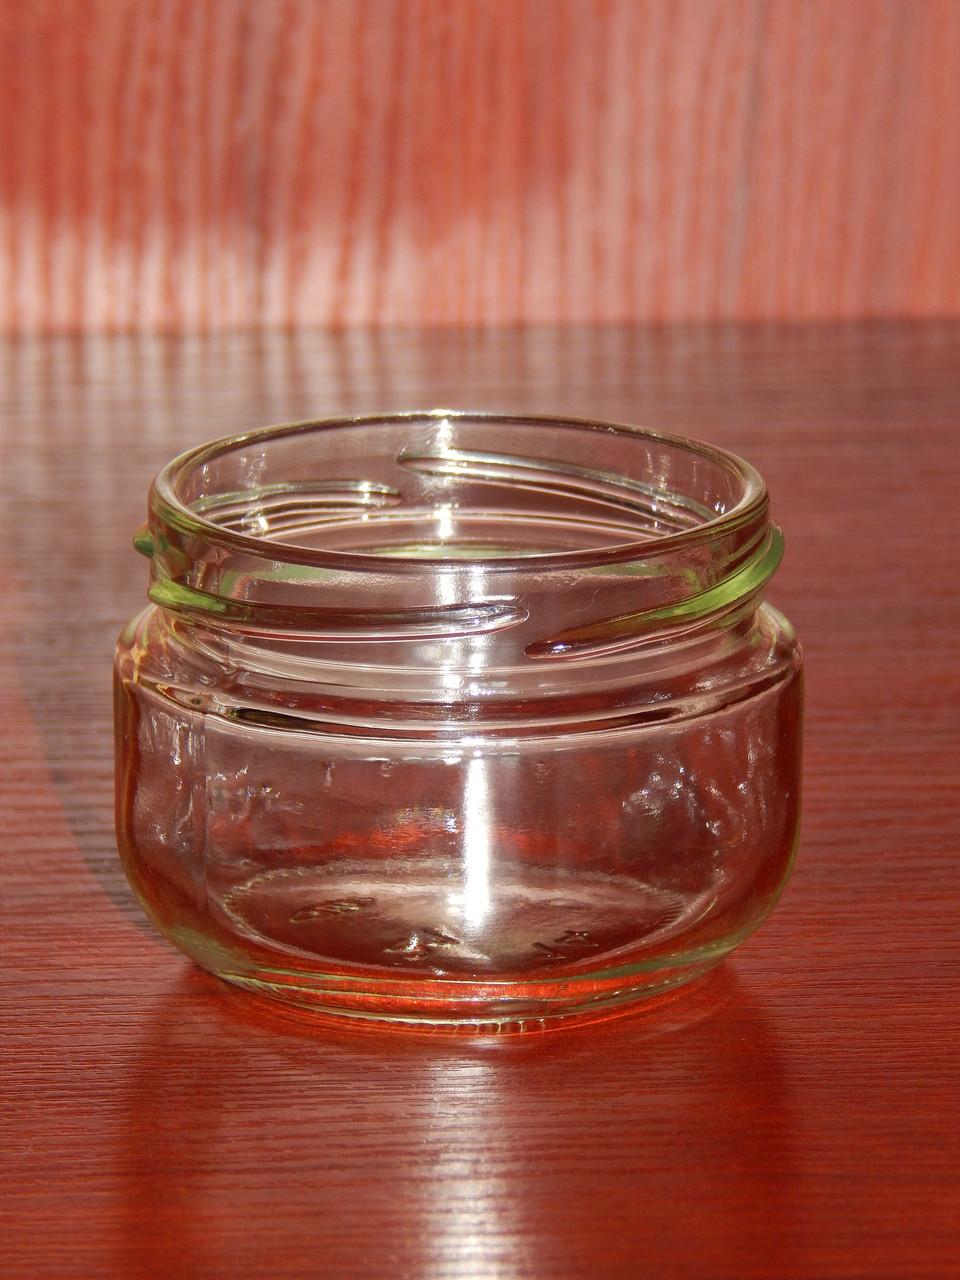 Банка стеклянная 100 мл с горловиной твист 66 мм (20 штук в упаковке)